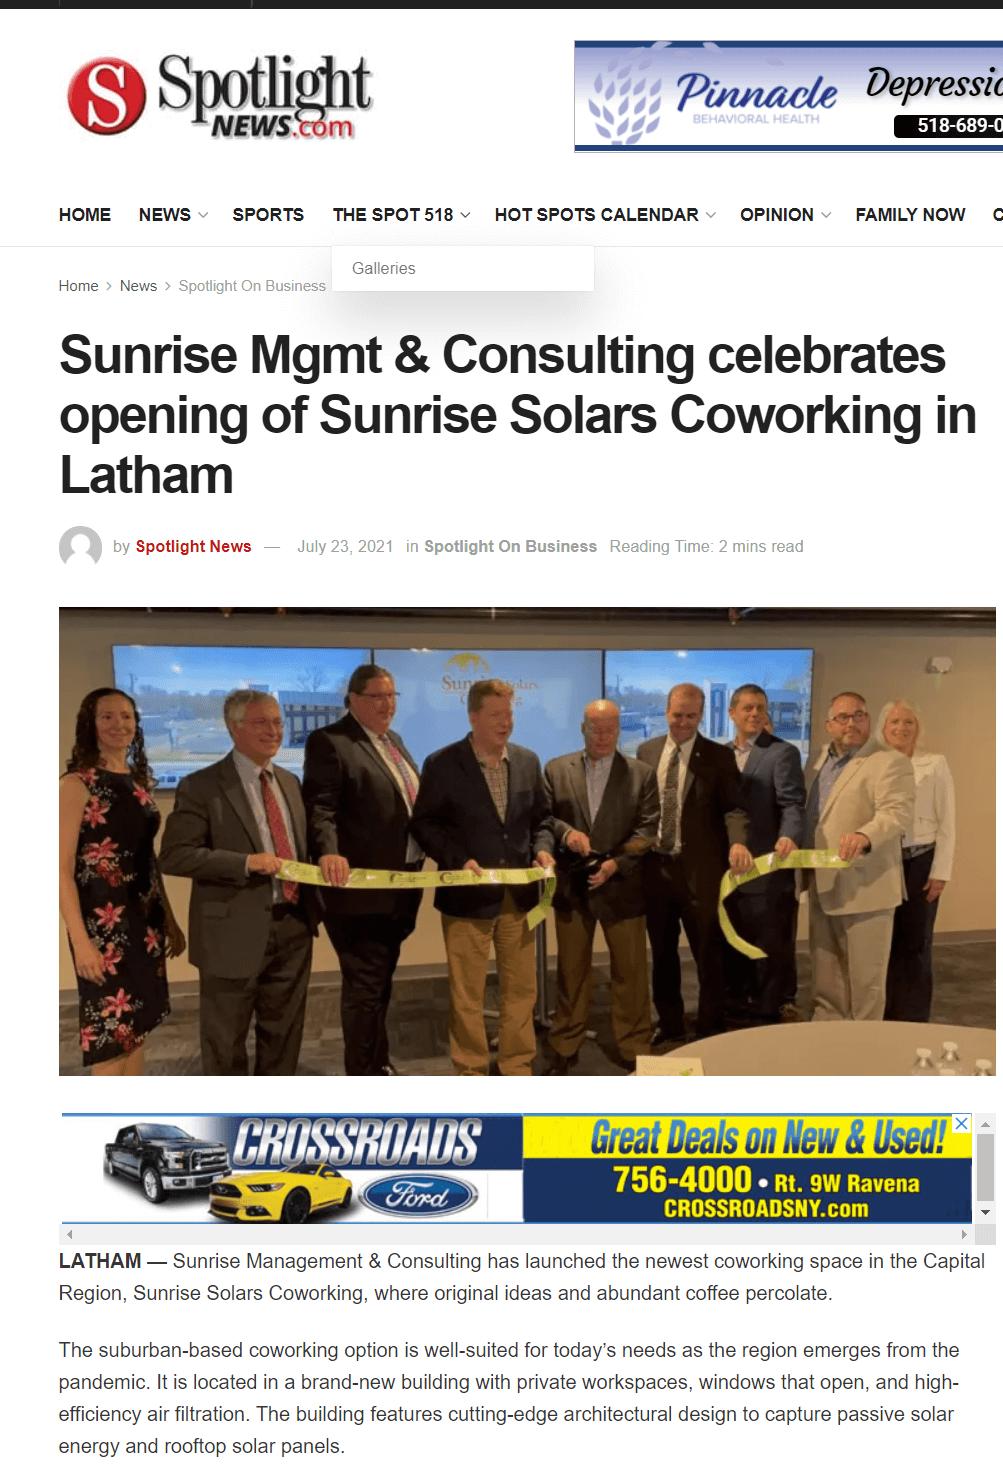 Spotlight Newspapers on Sunrise Solars Coworking